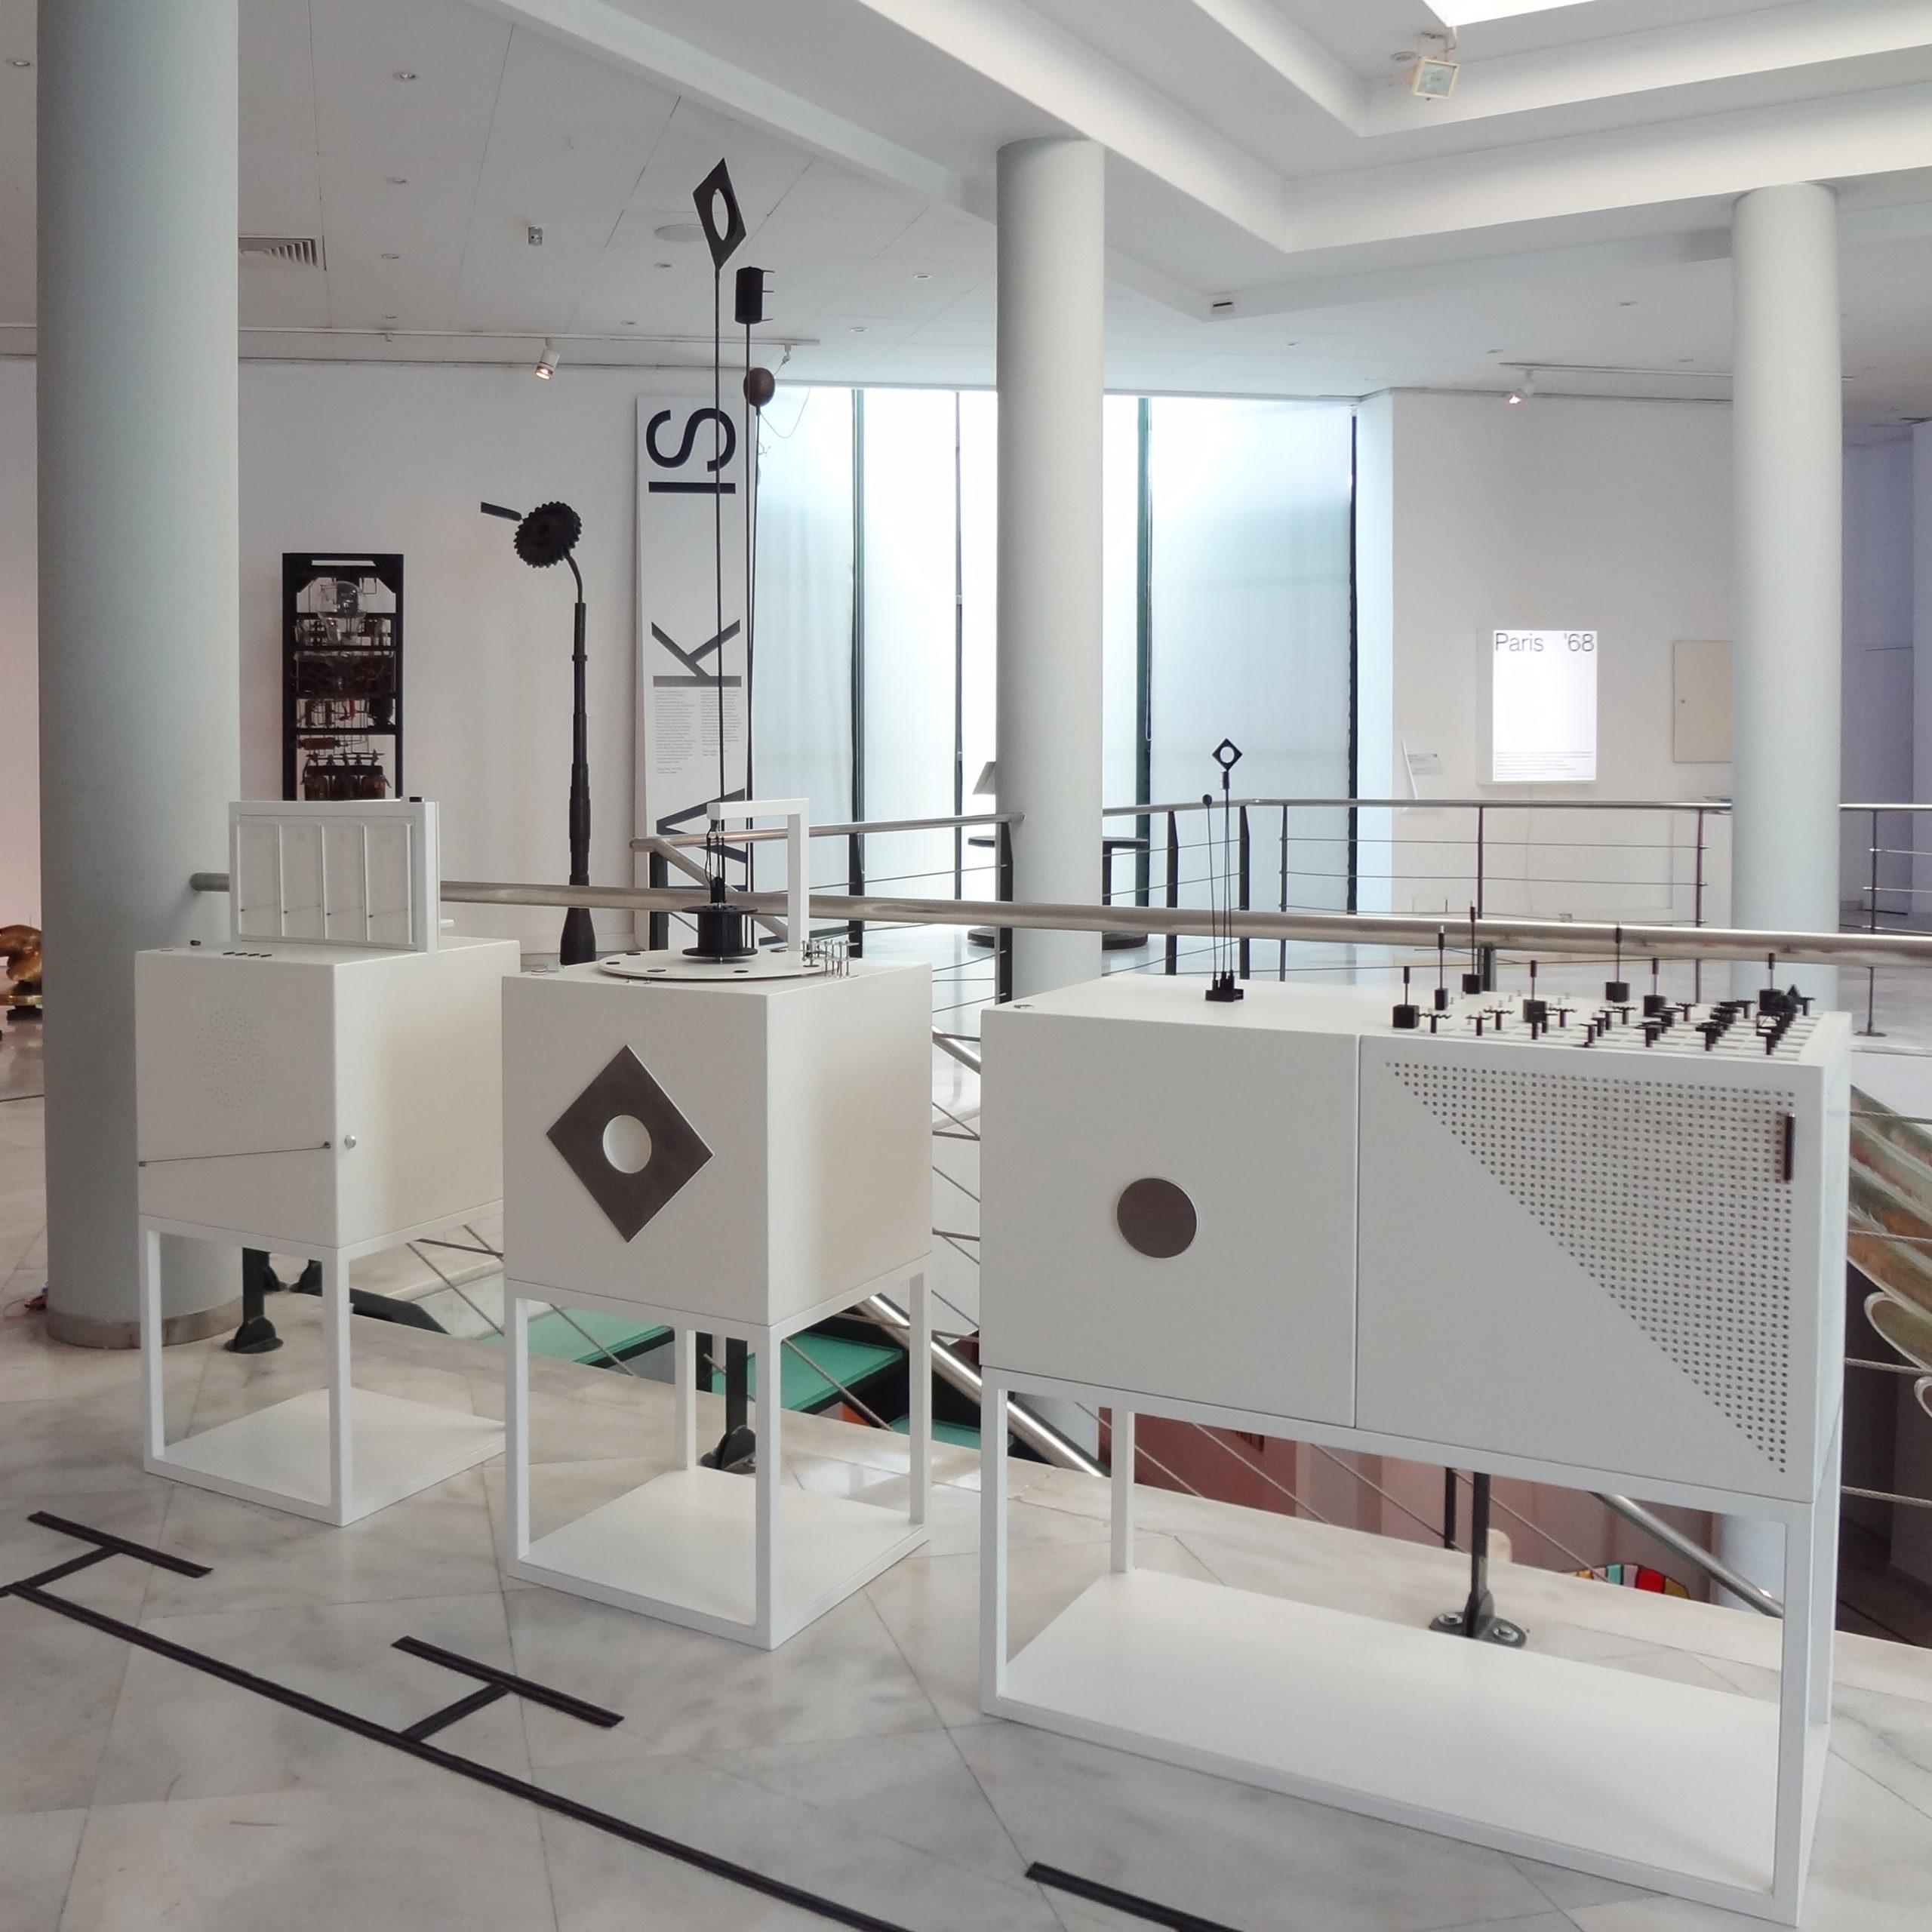 Διαδραστικά Μουσειοπαιδαγωγικά Αντικείμενα για την ερμηνεία των έργων Σινιάλα, Μουσικό και Ηχητικό του καλλιτέχνη Τάκις, της συλλογής του MOMus-Μουσείου Σύγχρονης Τέχνης. Τρια λευκά ξύλινα κουτιά, φέρουν στην άνω πλευρά τους απτικά βοηθήματα που απτικοποιούν τα πρωτότυπα έργα και έχουν δημιουργηθεί με χύτευση σε μέταλλο από καλούπια που αποτελούν προϊόν τρισδιάστατης εκτύπωσης. Το κάθε κουτί στην μπροστινή του πλευρά φέρει ένα στοιχείο από το κάθε έργο σε κλίμακα 1:1 και διαφορετικά στοιχεία με τα οποία ο επισκέπτης καλείται να αλληλεπιδράσει για να ανακαλύψει τα χαρακτηριστικά του έργου ή να δημιουργήσει από μόνος του συνθέσεις. Όλα τα βοηθήματα περιλαμβάνουν μαγνητικά και γεωμετρικά στοιχεία αποκαλύπτοντας τις έρευνες του καλλιτέχνη.